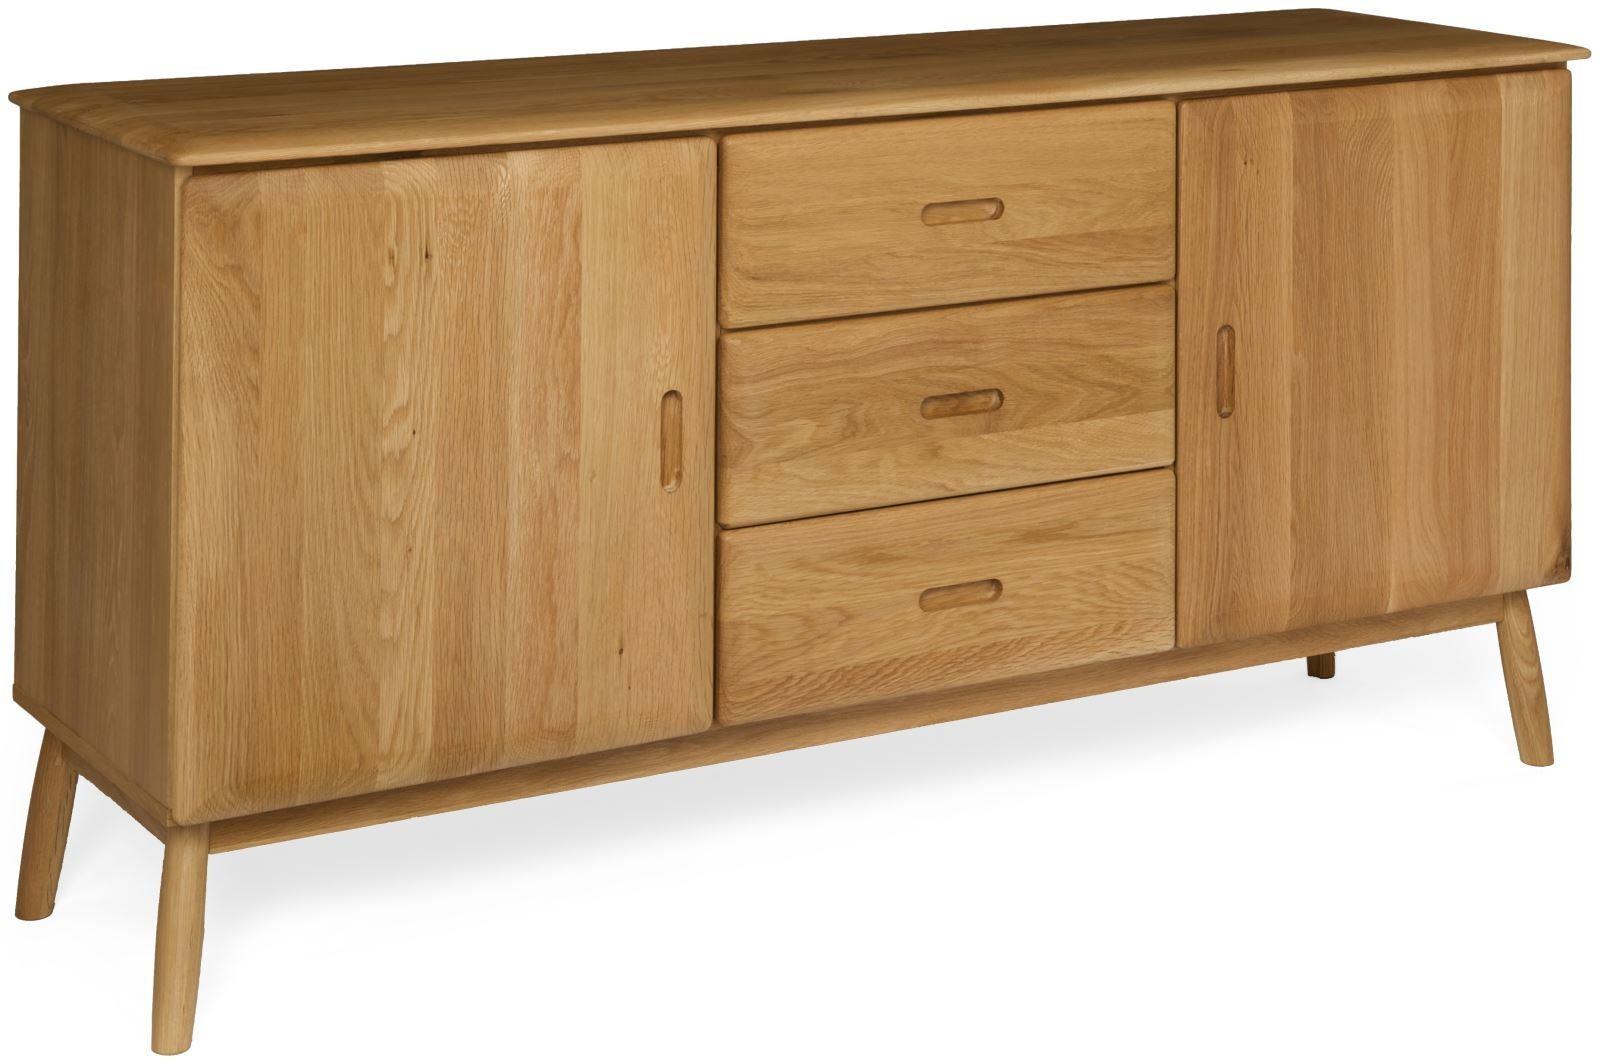 MALMO - Oak Sideboard